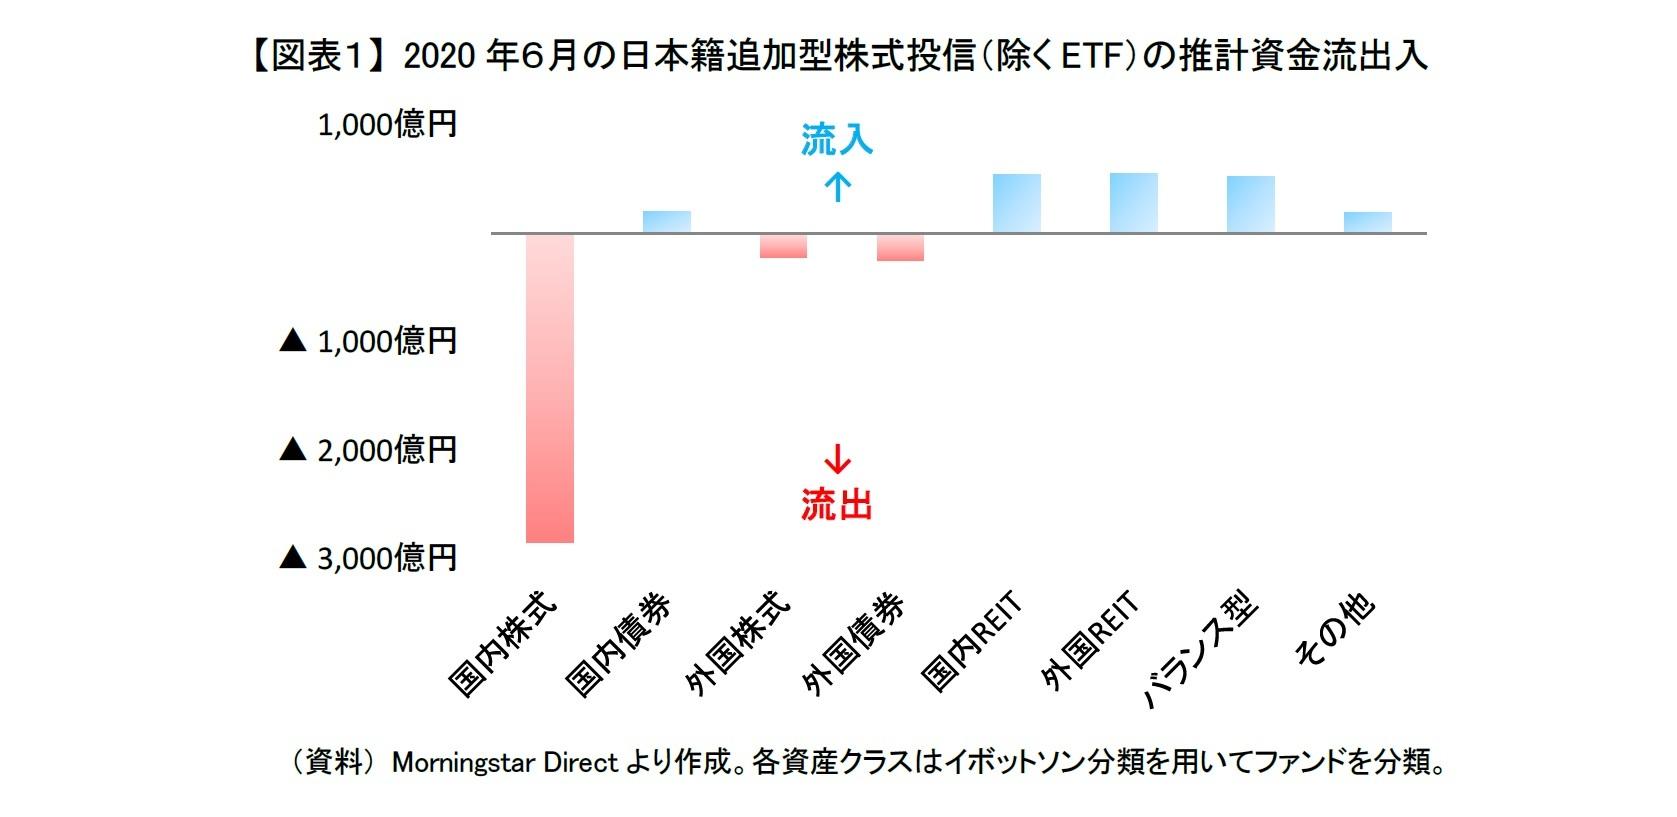 【図表1】 2020年6月の日本籍追加型株式投信(除くETF)の推計資金流出入